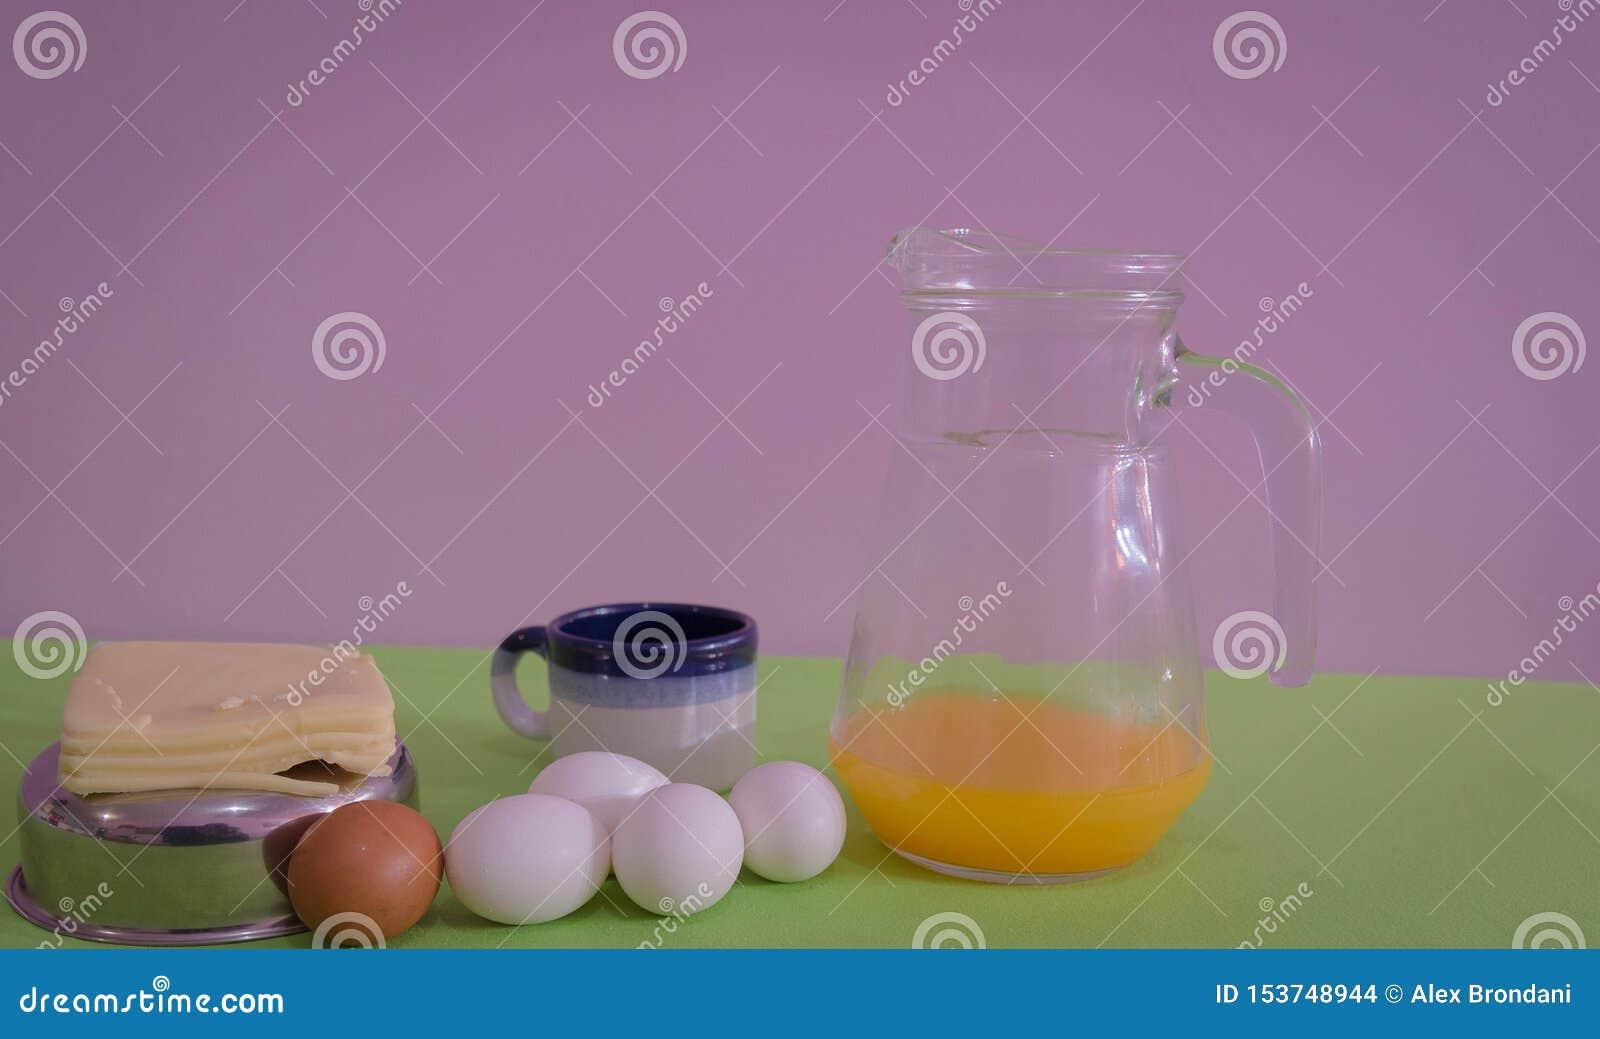 Le Tableau a servi au casse-croûte avec, au fromage et aux oeufs 07